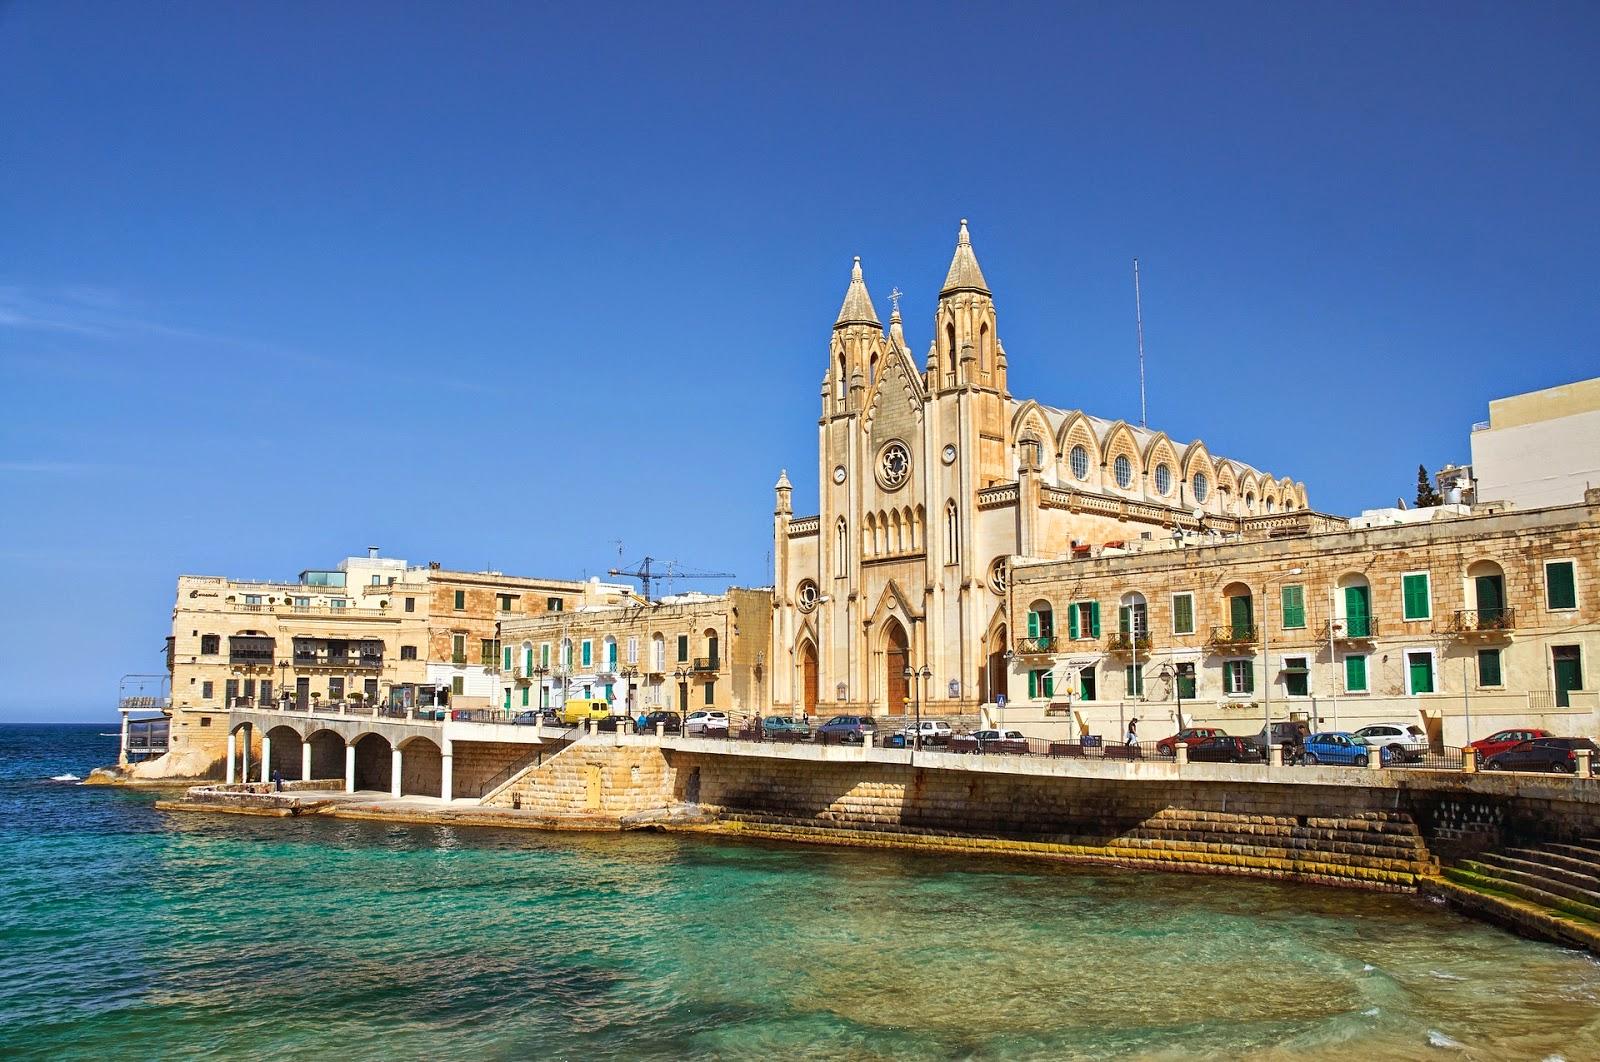 ciekawe miejscowości, które trzeba zwiedzić na Malcie